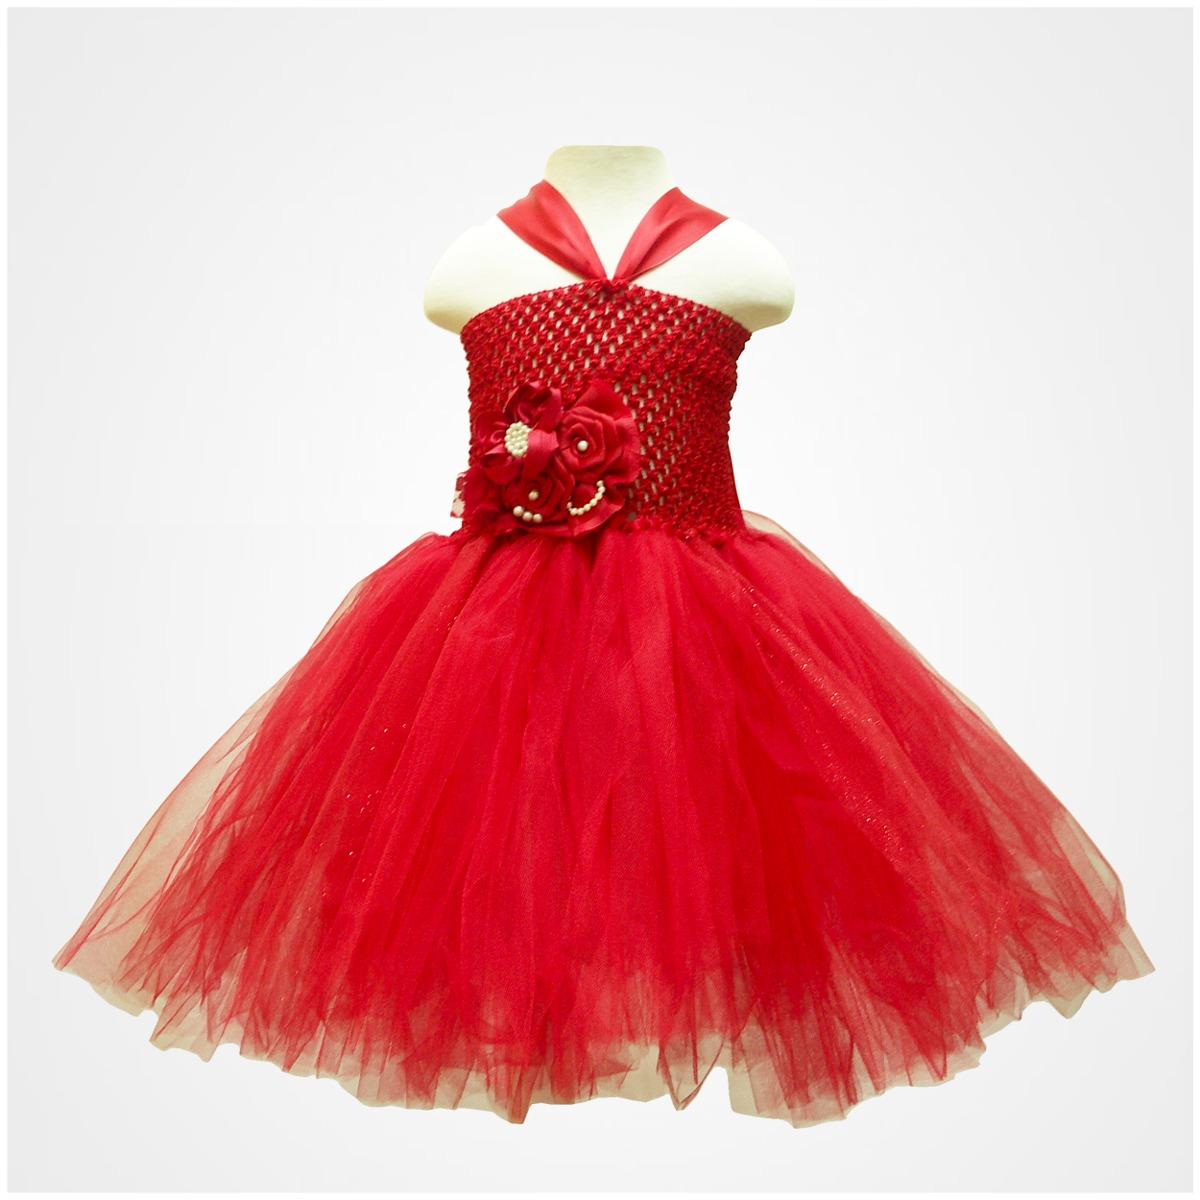 Vestido tutu para ni a color rojo talla 2 a 3 a os oferta - Ropa nina 3 anos ...